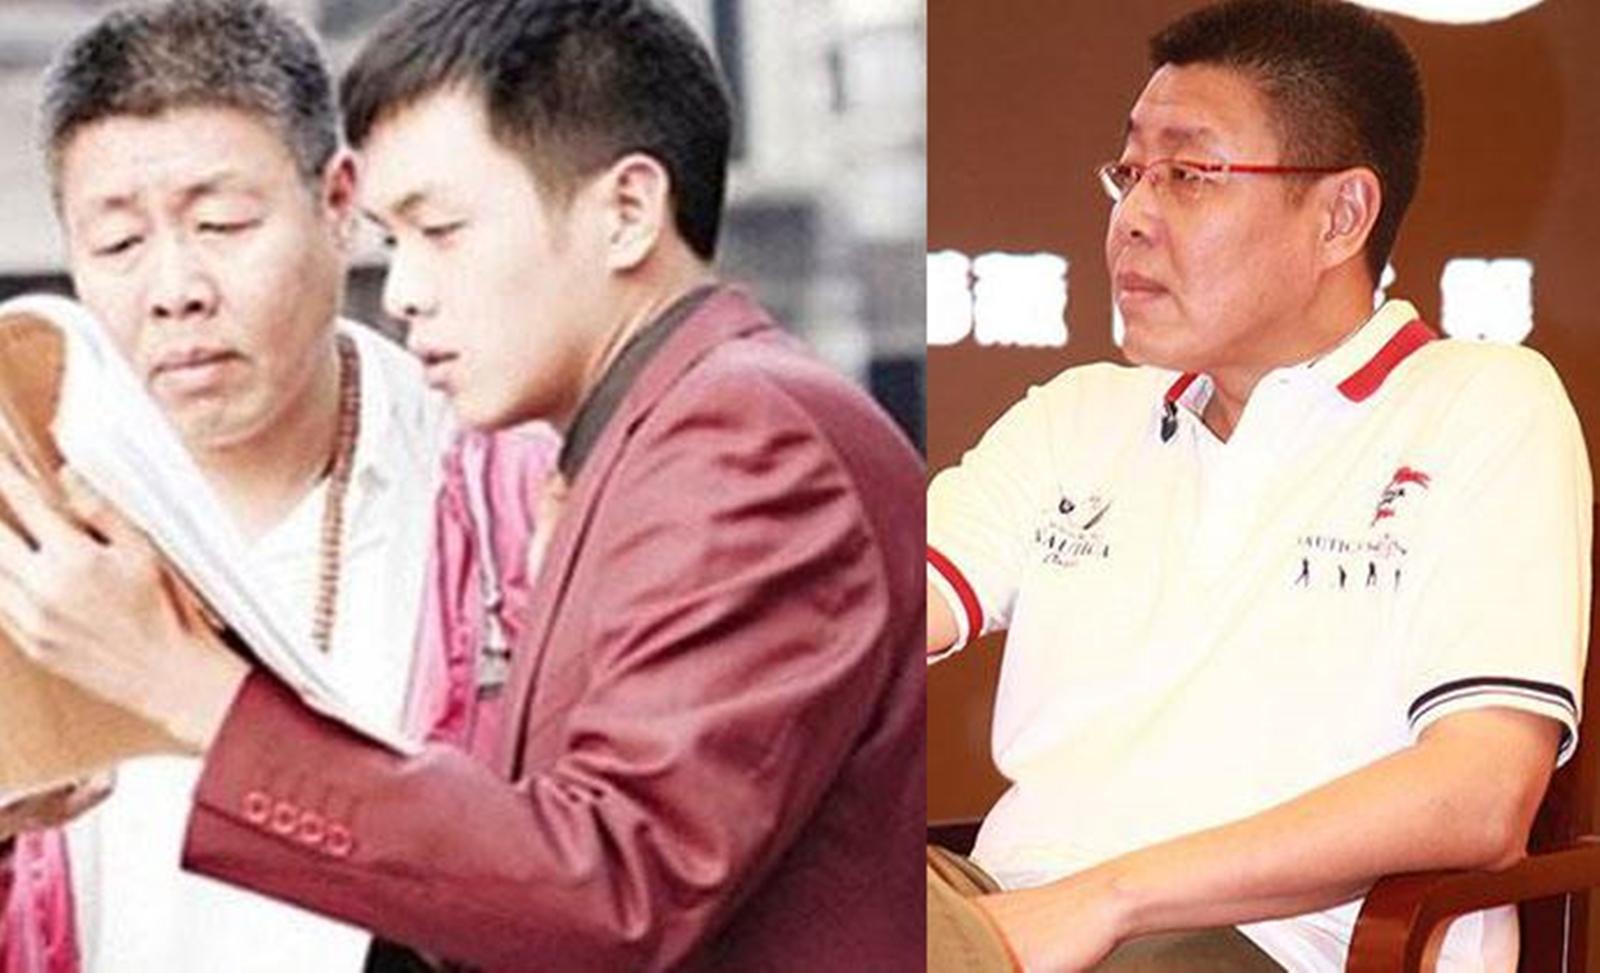 张若昀最近都睡不好觉了,父亲欠债2.7亿元,自己得拼命拍戏还债